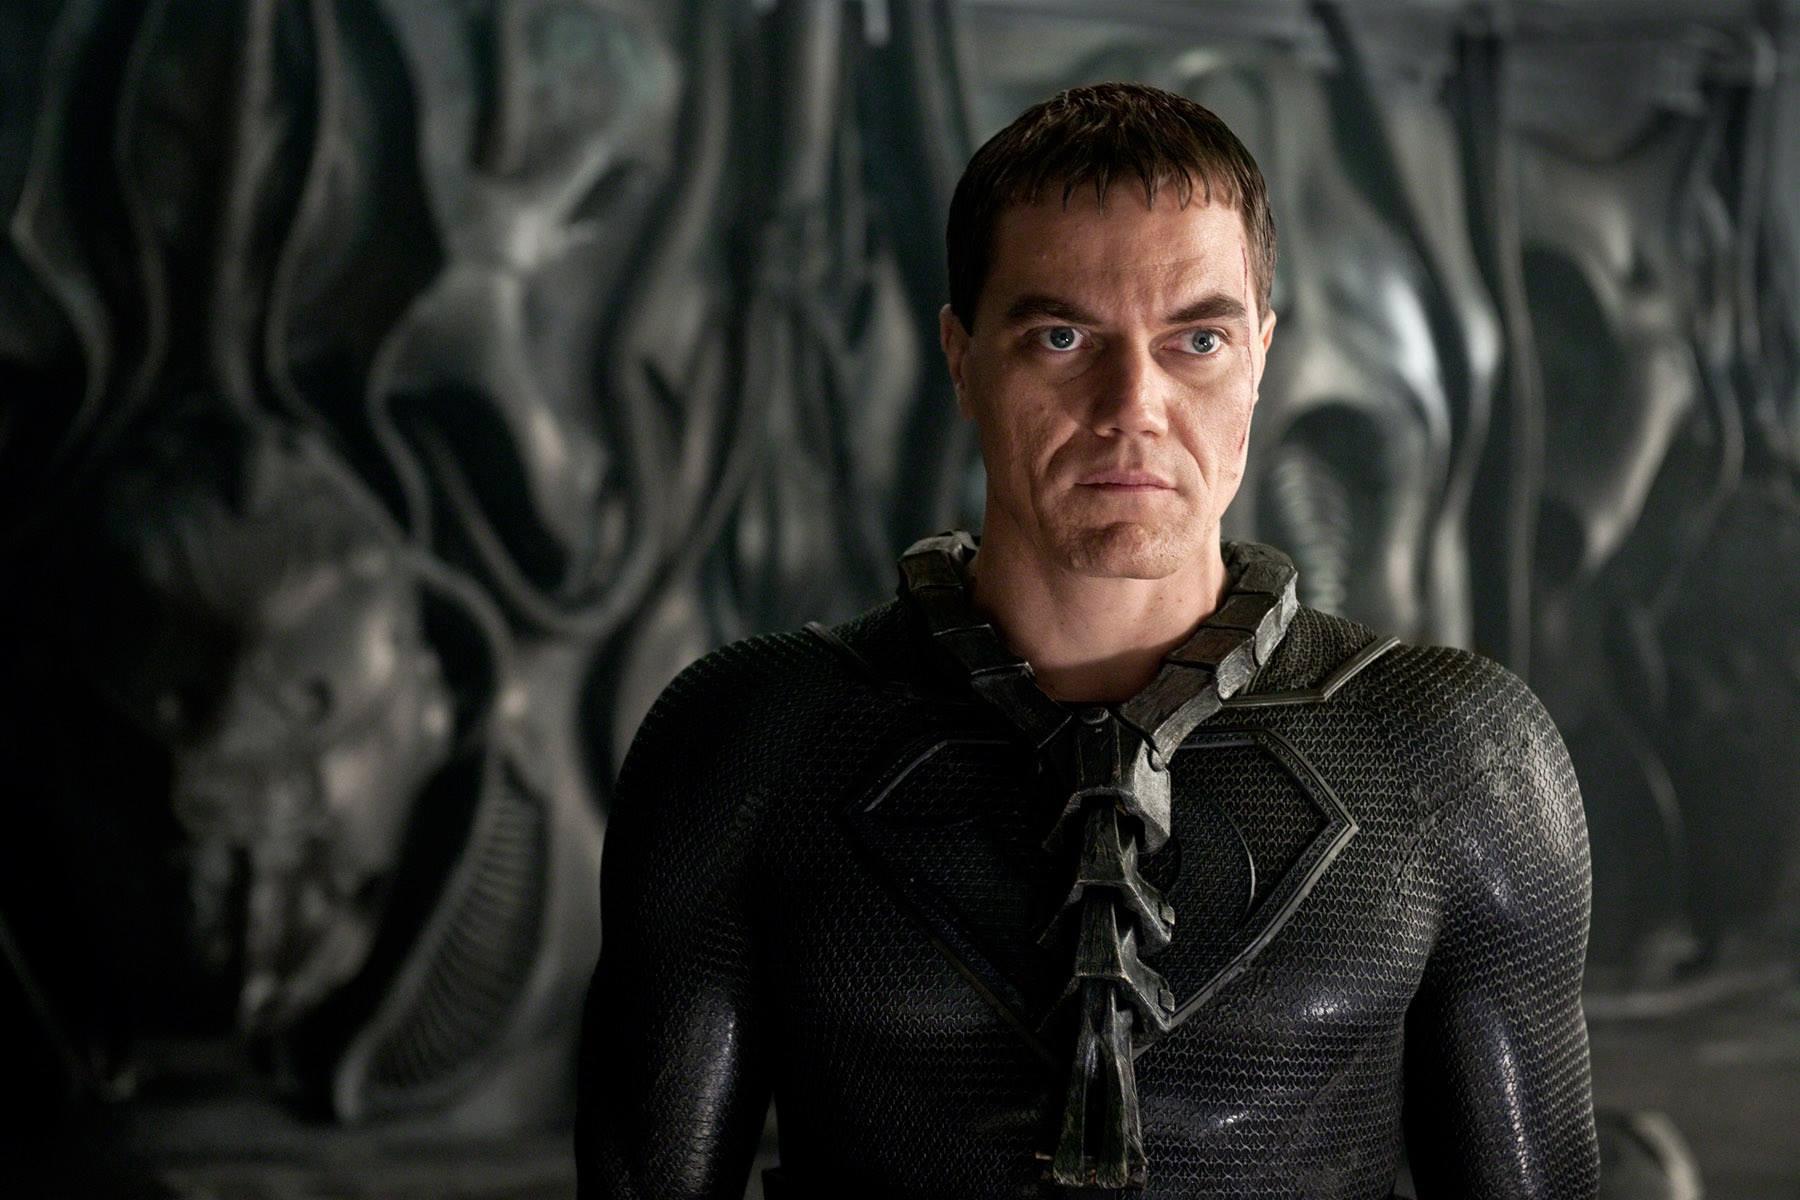 General Zof (Michael Shannon) in Man of Steel (2013)